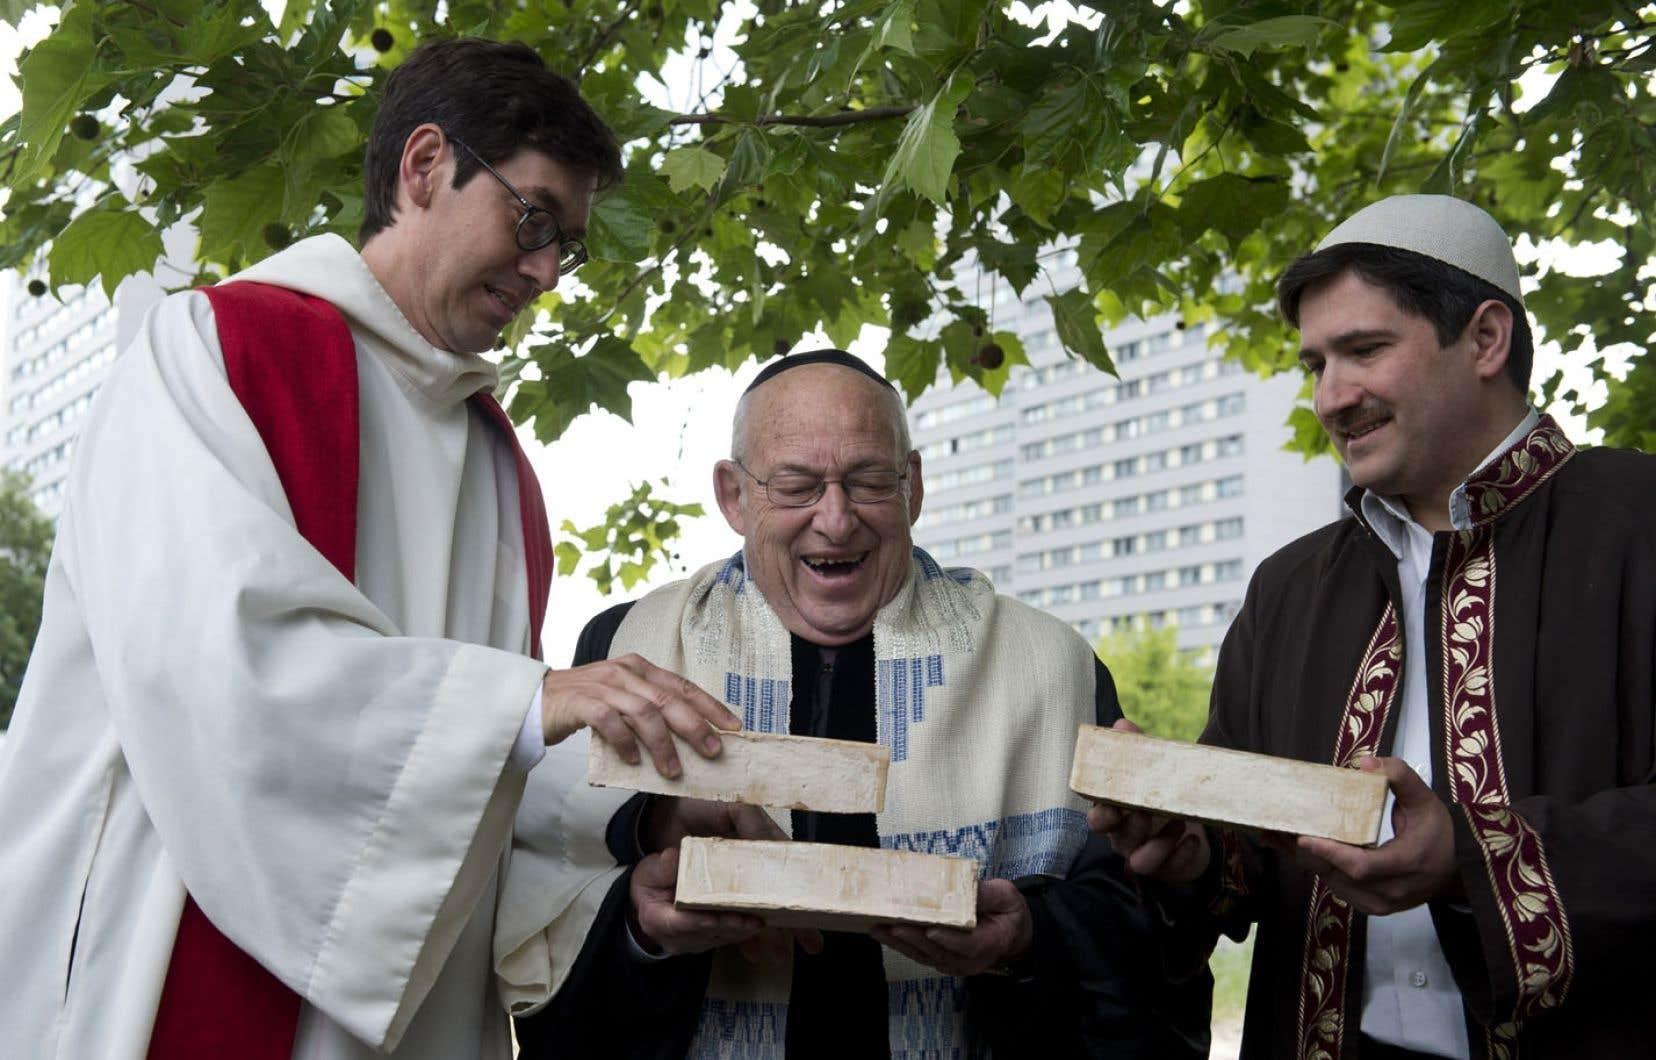 Le pasteur Gregor Hohberg, le rabbin Tovia Ben-Chorin et l'imam Kadir Sanci sont de ceux qui espèrent que le projet de maison commune de la prière verra le jour à Berlin.